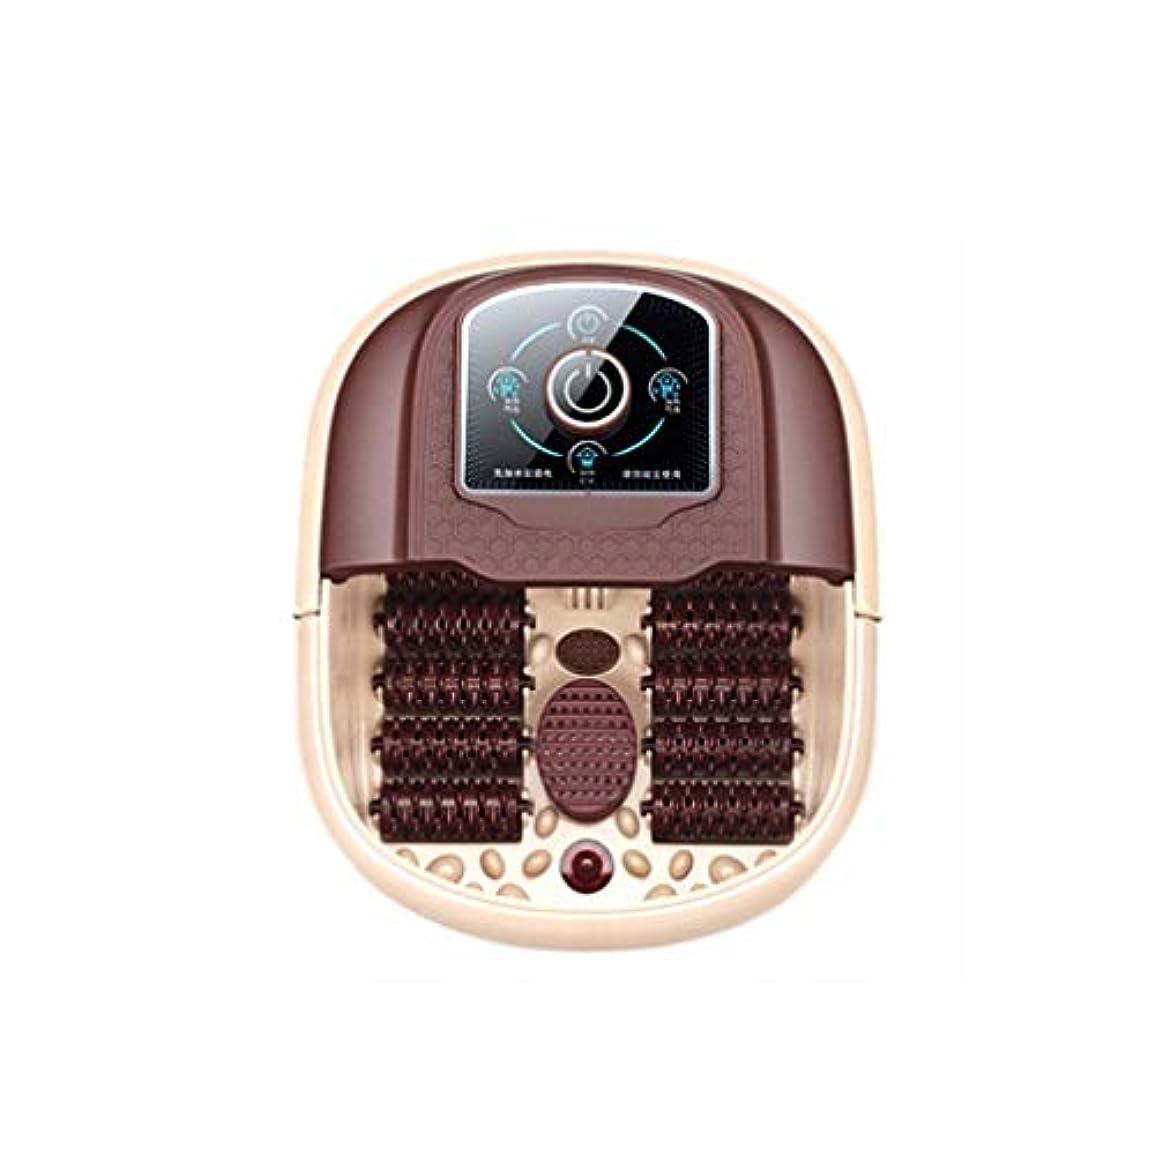 辛い視聴者シチリア友人や親戚のために足浴槽自動暖房フットホームヘルスフットマッサージフットバスプロモーションギフト